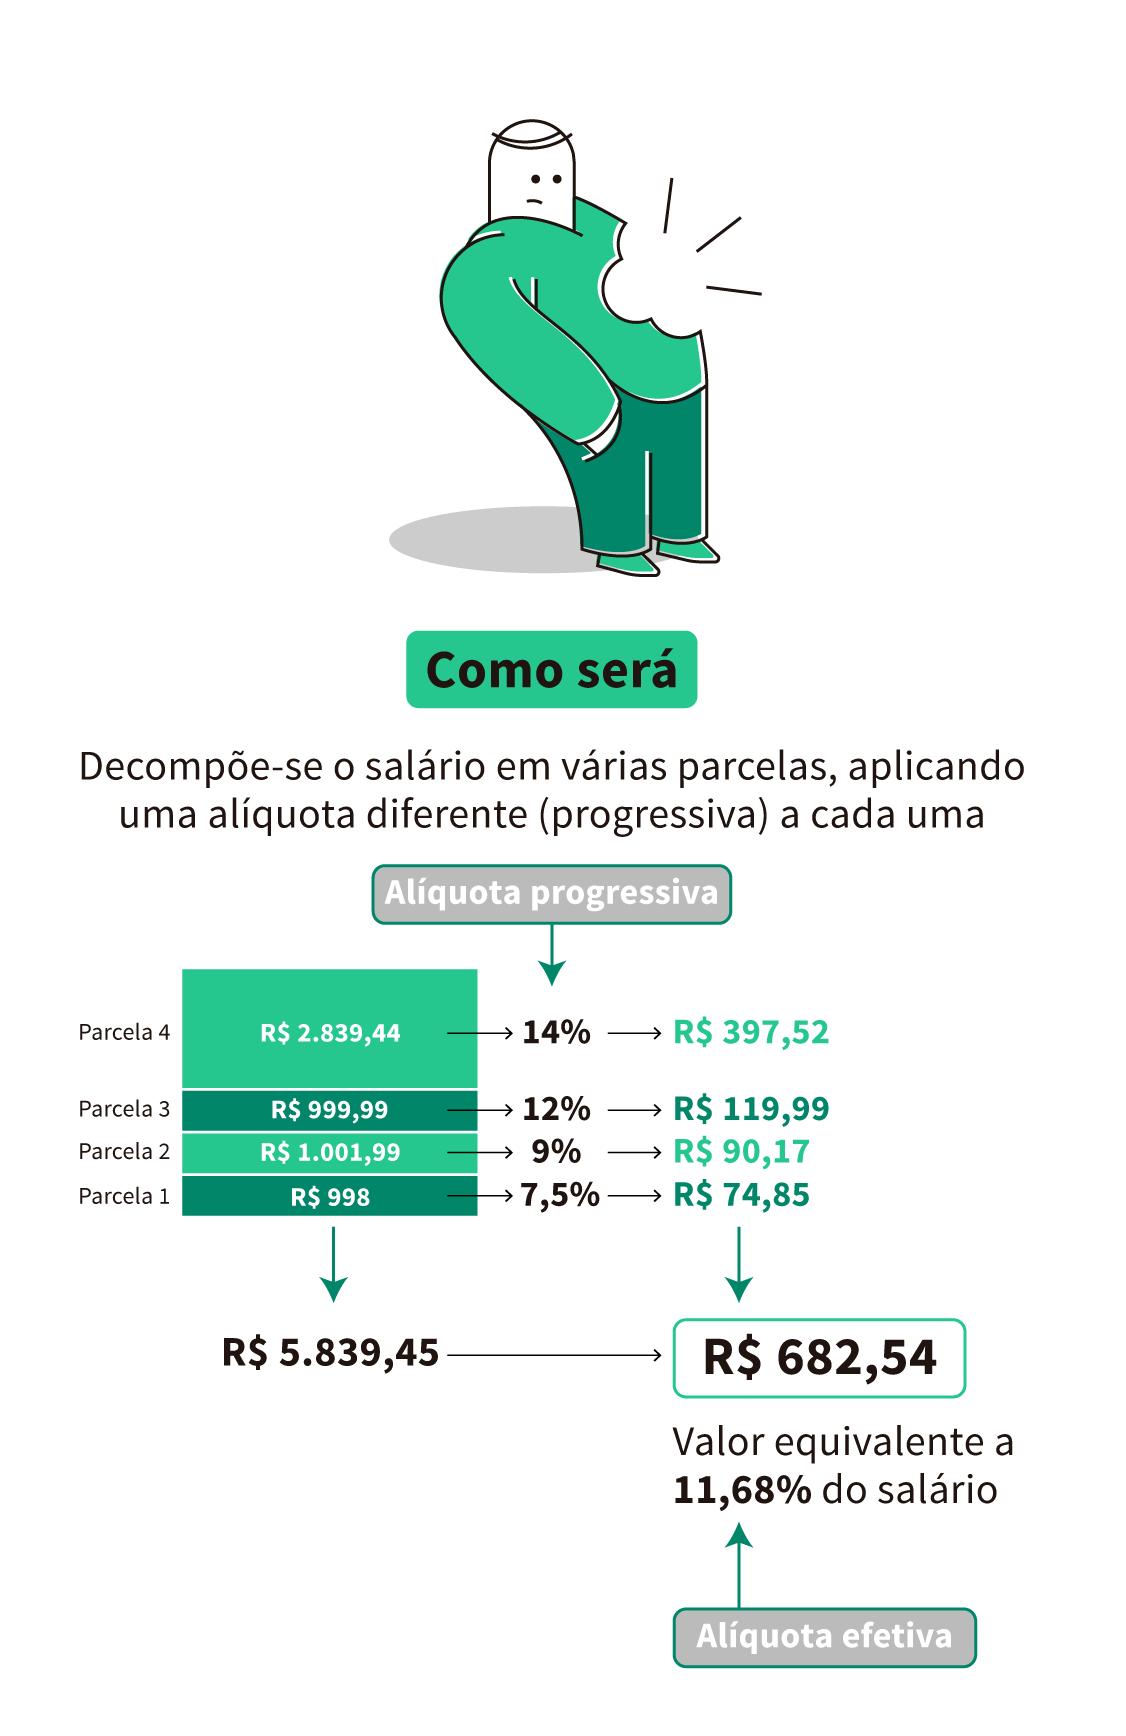 INSS. COMO SERÁ: exemplo de alíquota, considerando um salário de R$ 5.839,45 (Teto do INSS)